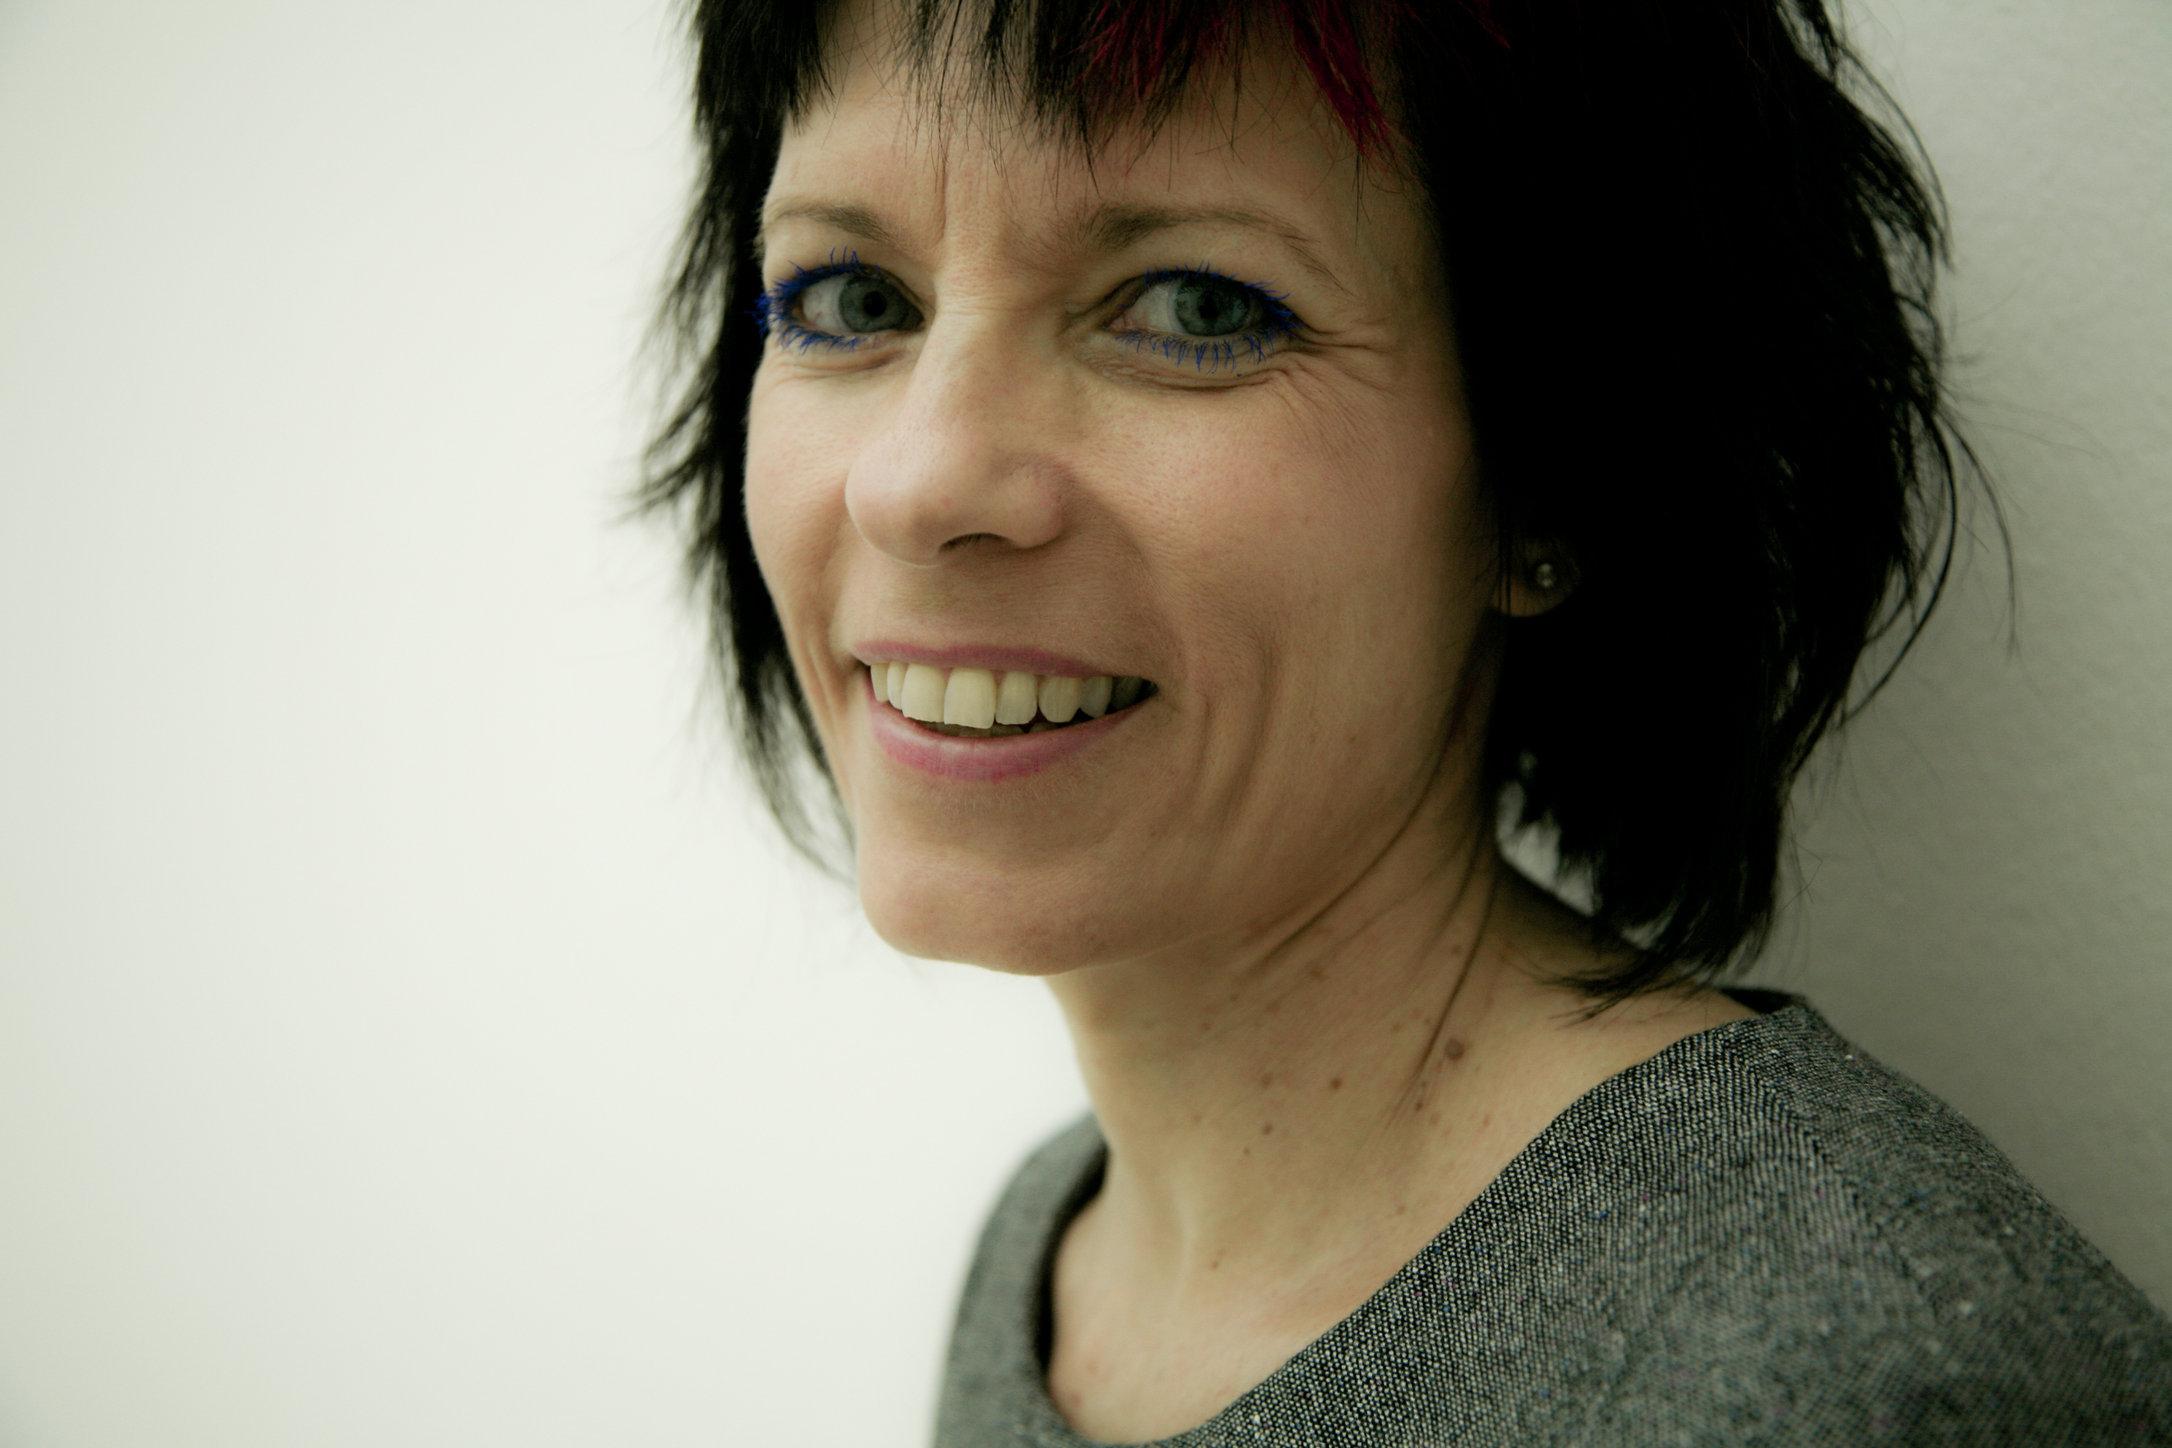 MMK_Frauen_Auswahl-2-44.JPG